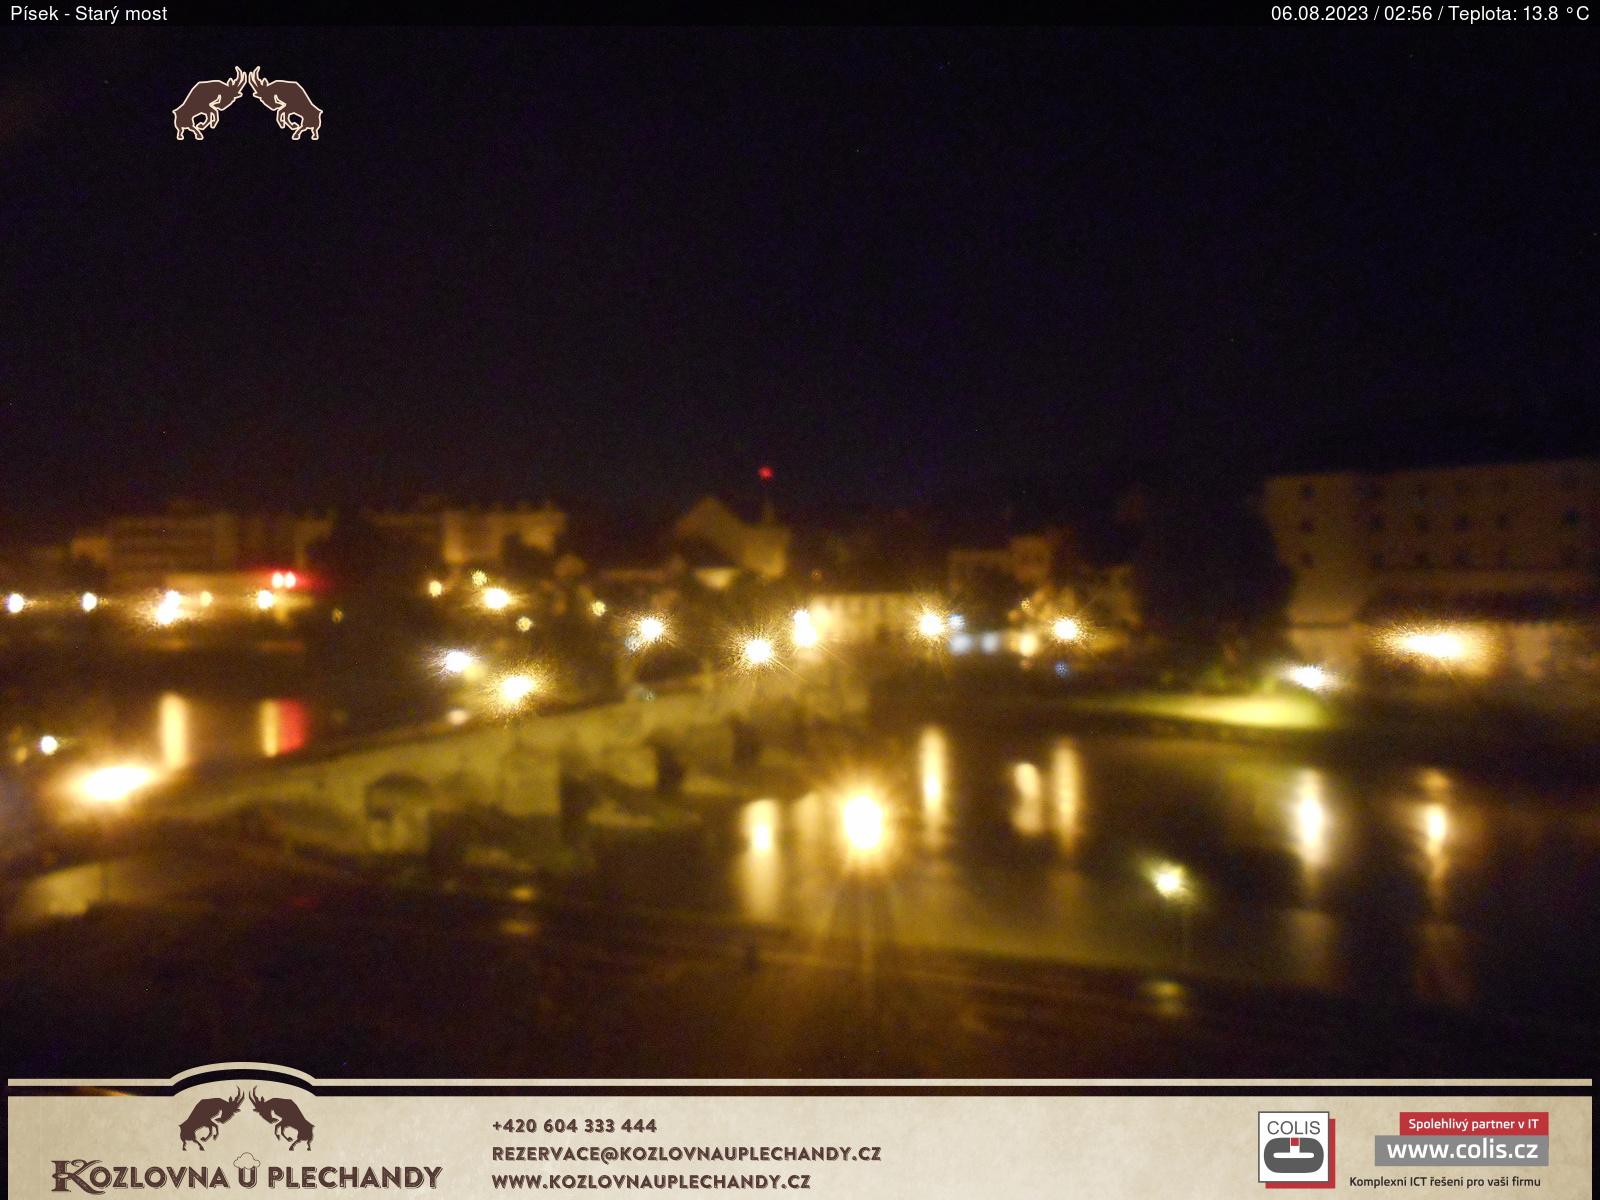 Starý most v Písku z Kozlovny